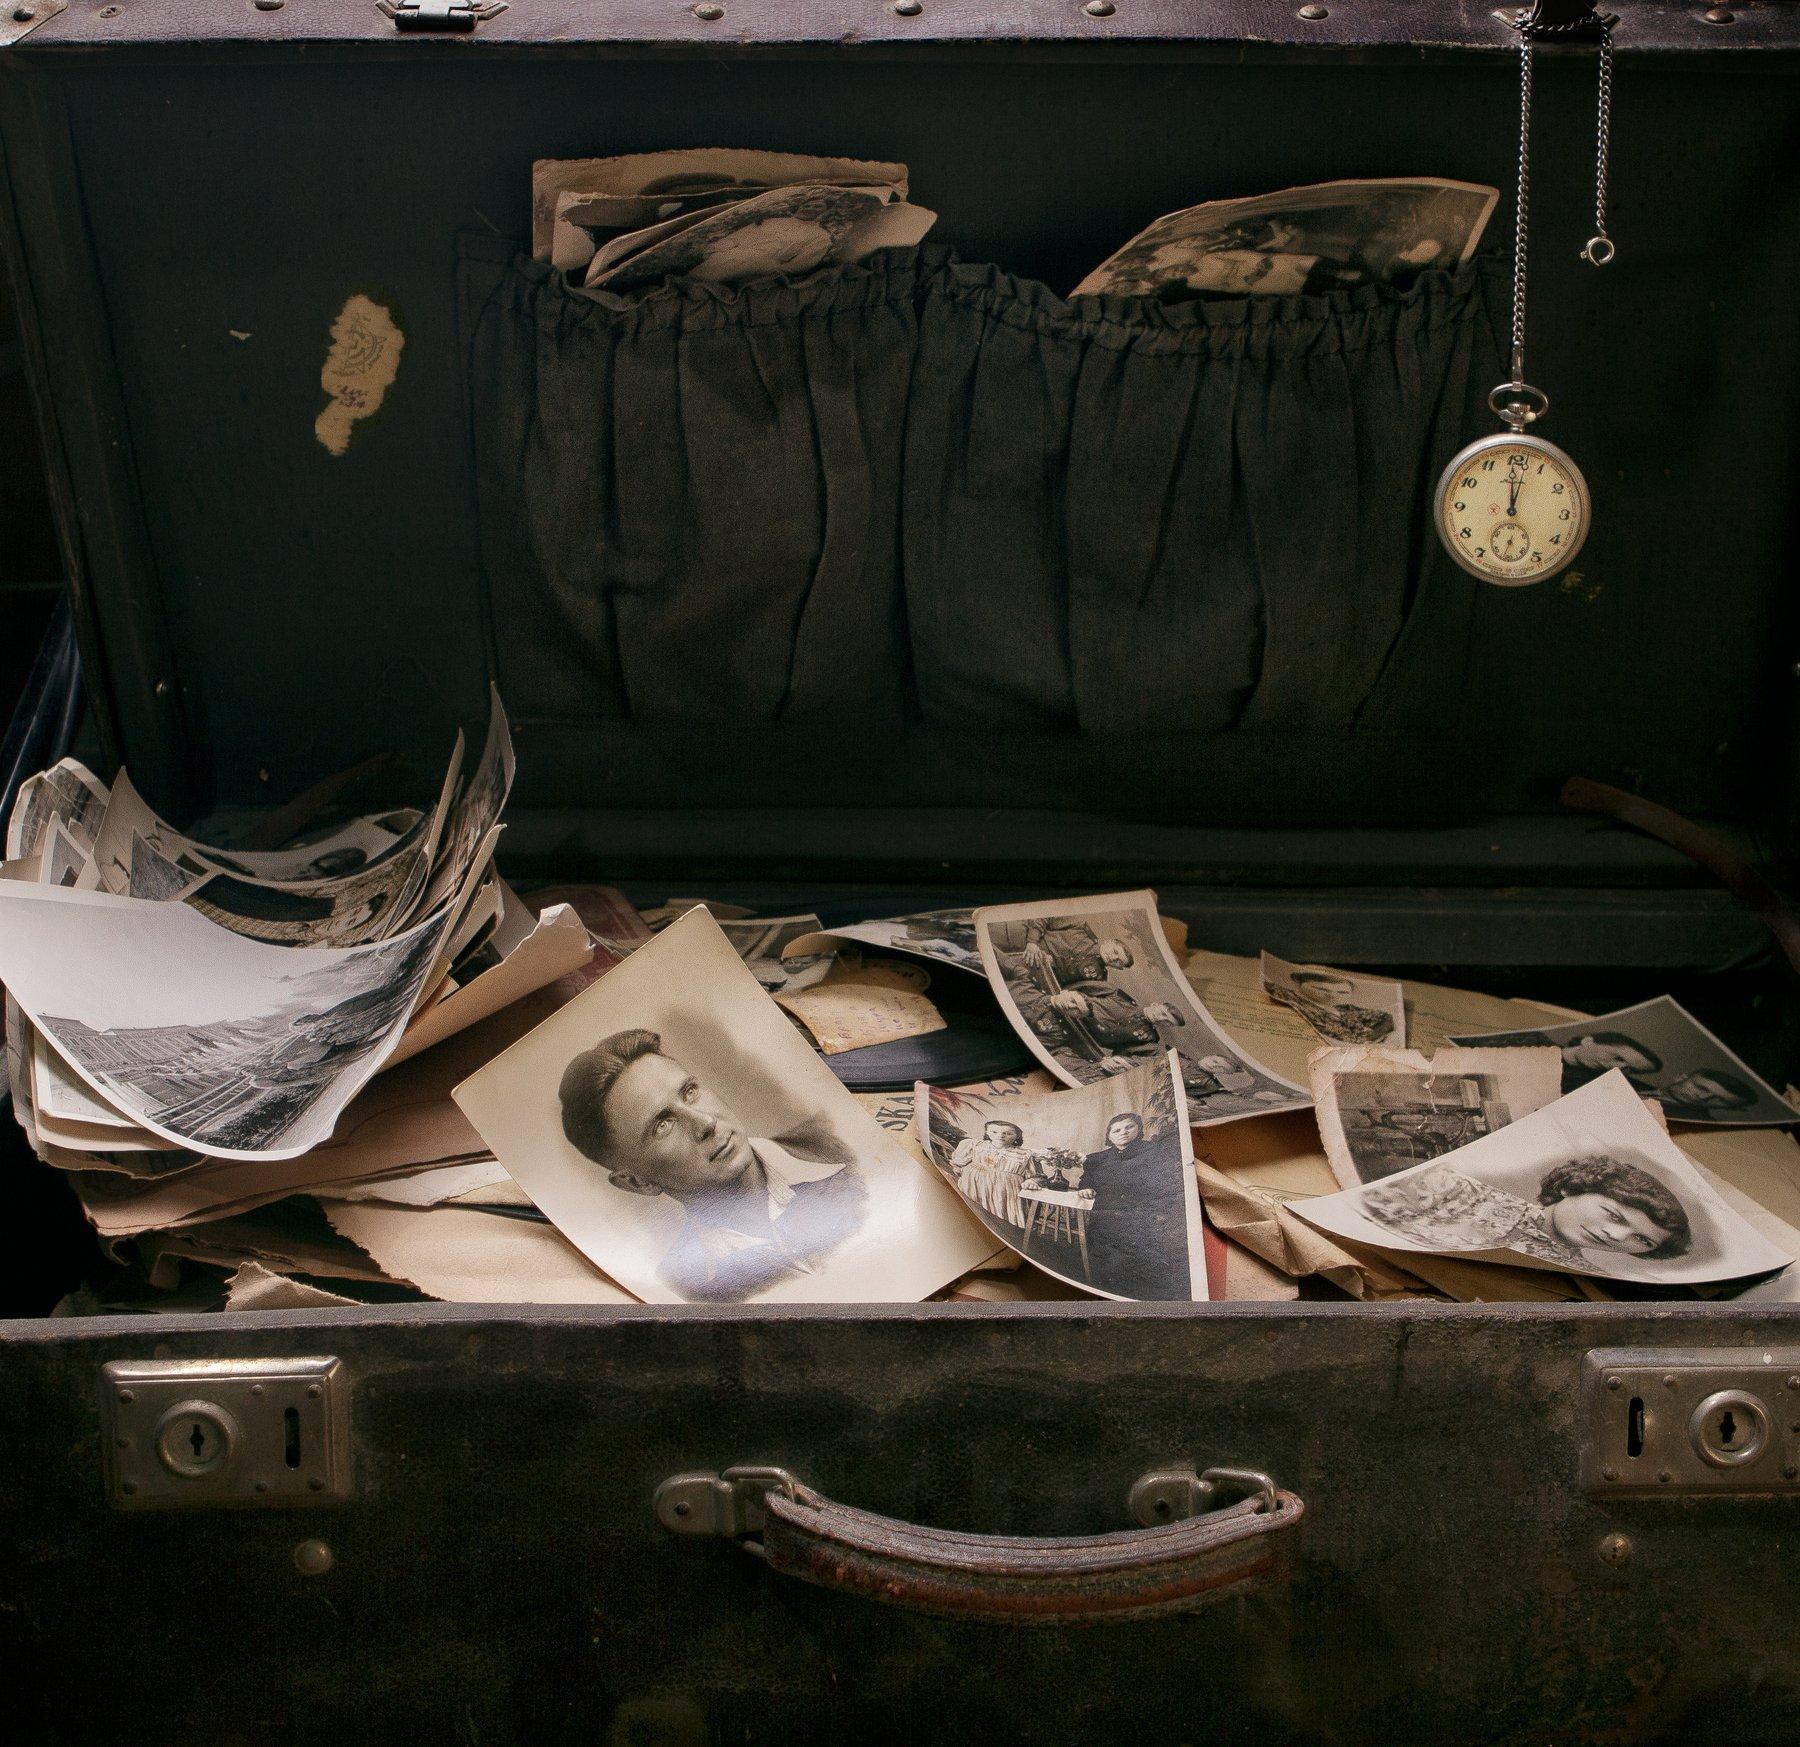 фотографии, часы, карманные часы, чемодан, Наталья Голубева